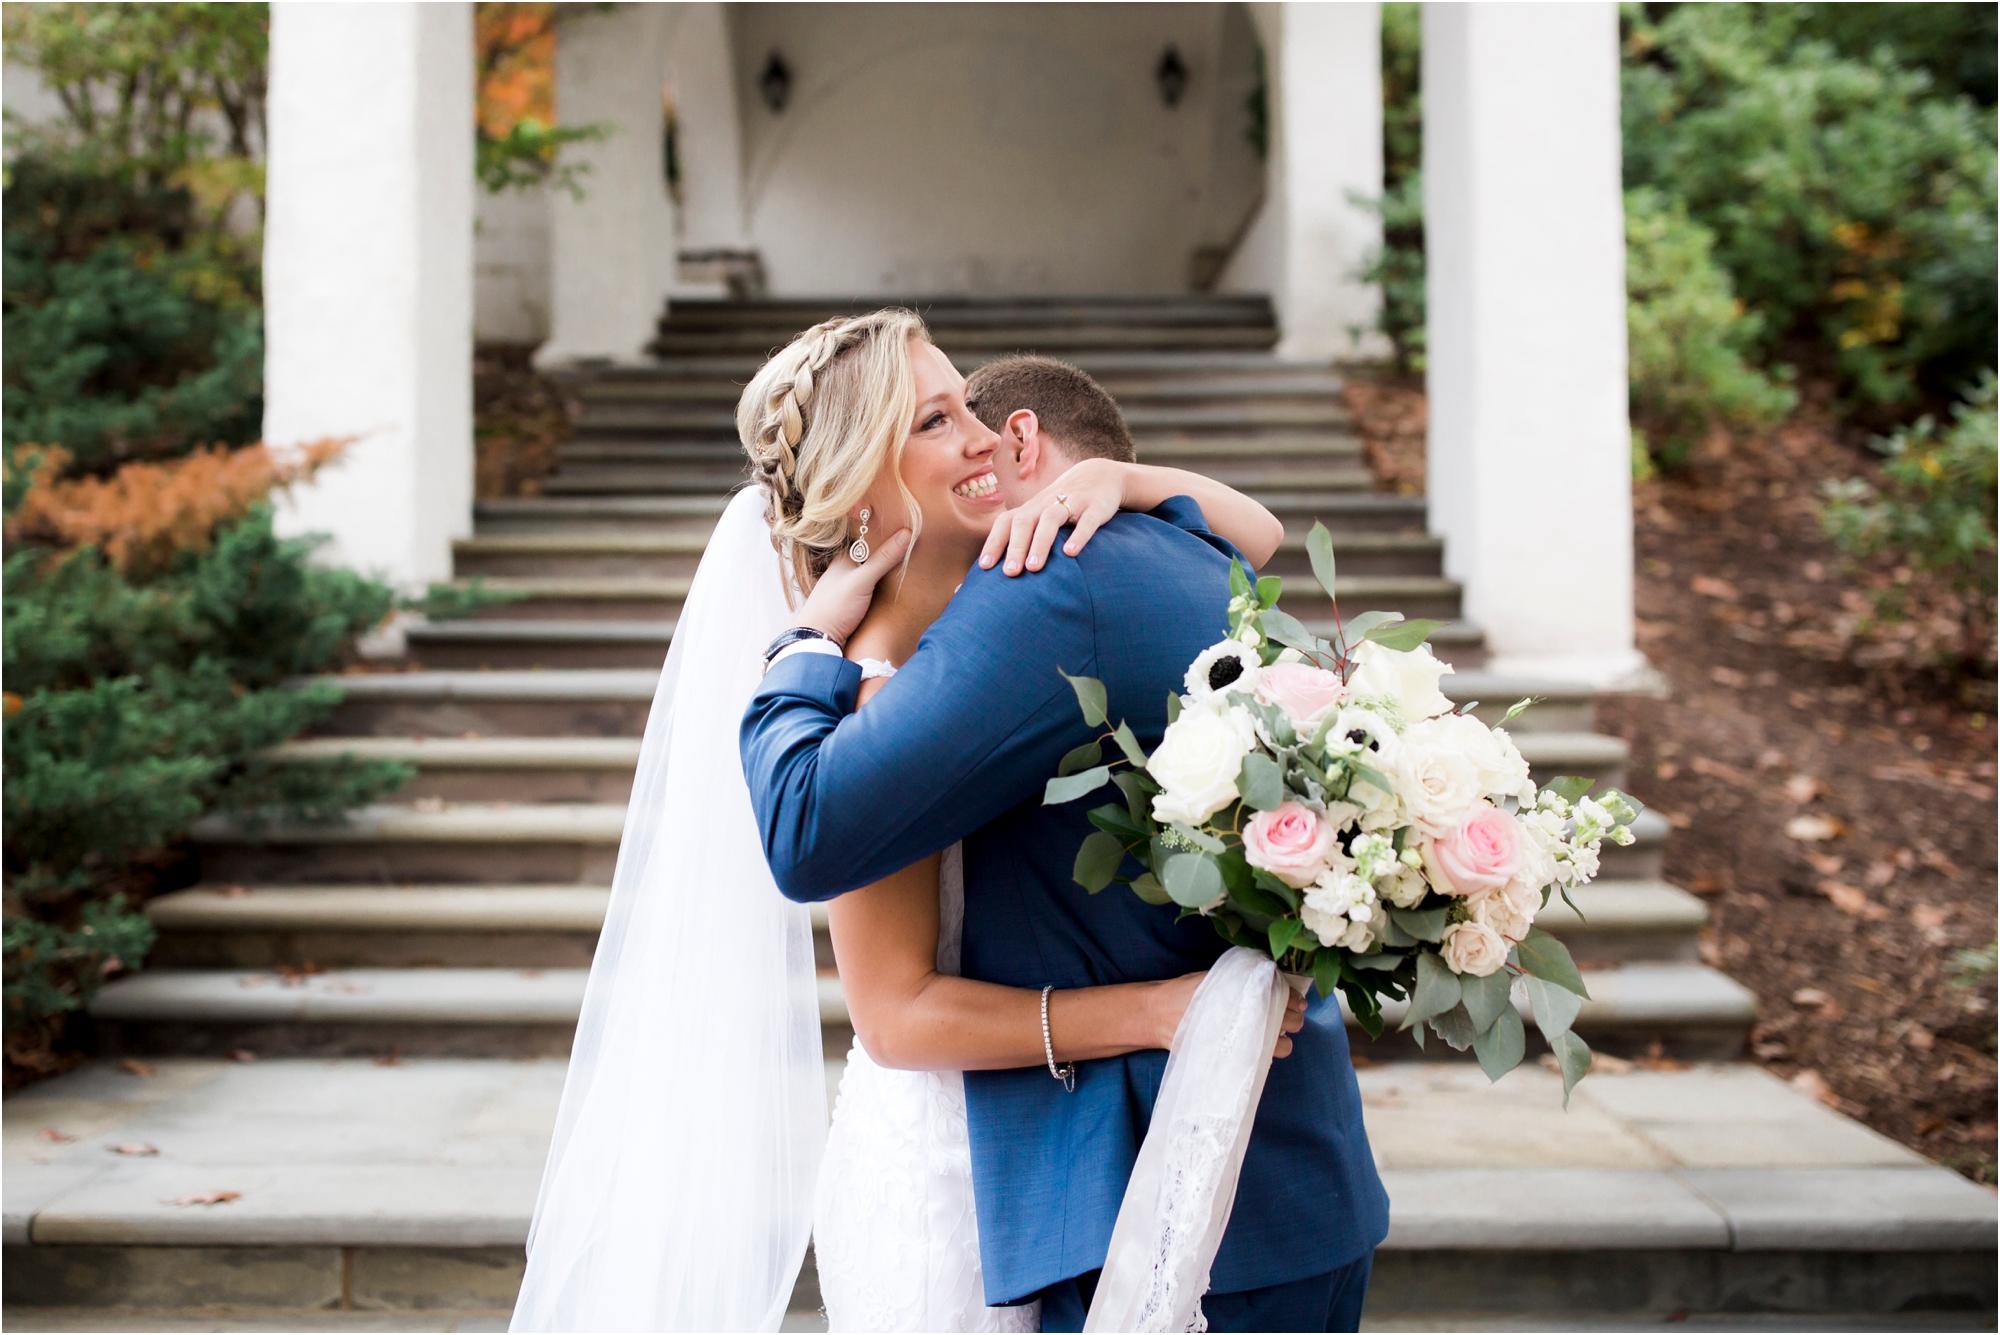 brooke-ilya-fall-virginia-omni-homestead-resort-wedding-photos_0019.jpg